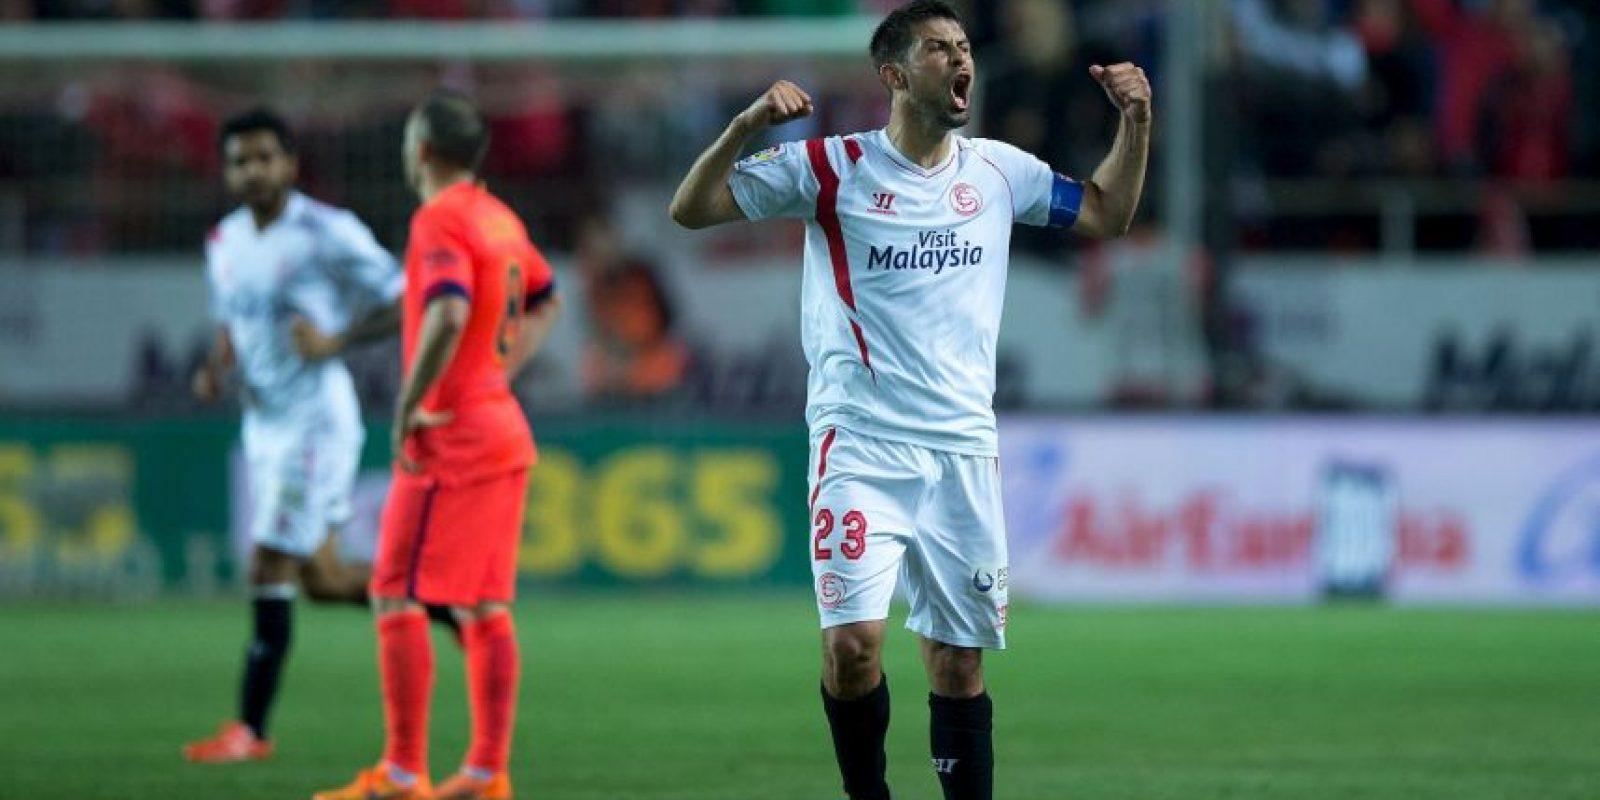 8. Los últimos partidos entre Barcelona y Sevilla fueron por la Liga de España y terminaron con marcadores de 5-1 en el Camp Nou y 2-2 en el Ramón Sánchez-Pizjuán. Foto:Getty Images